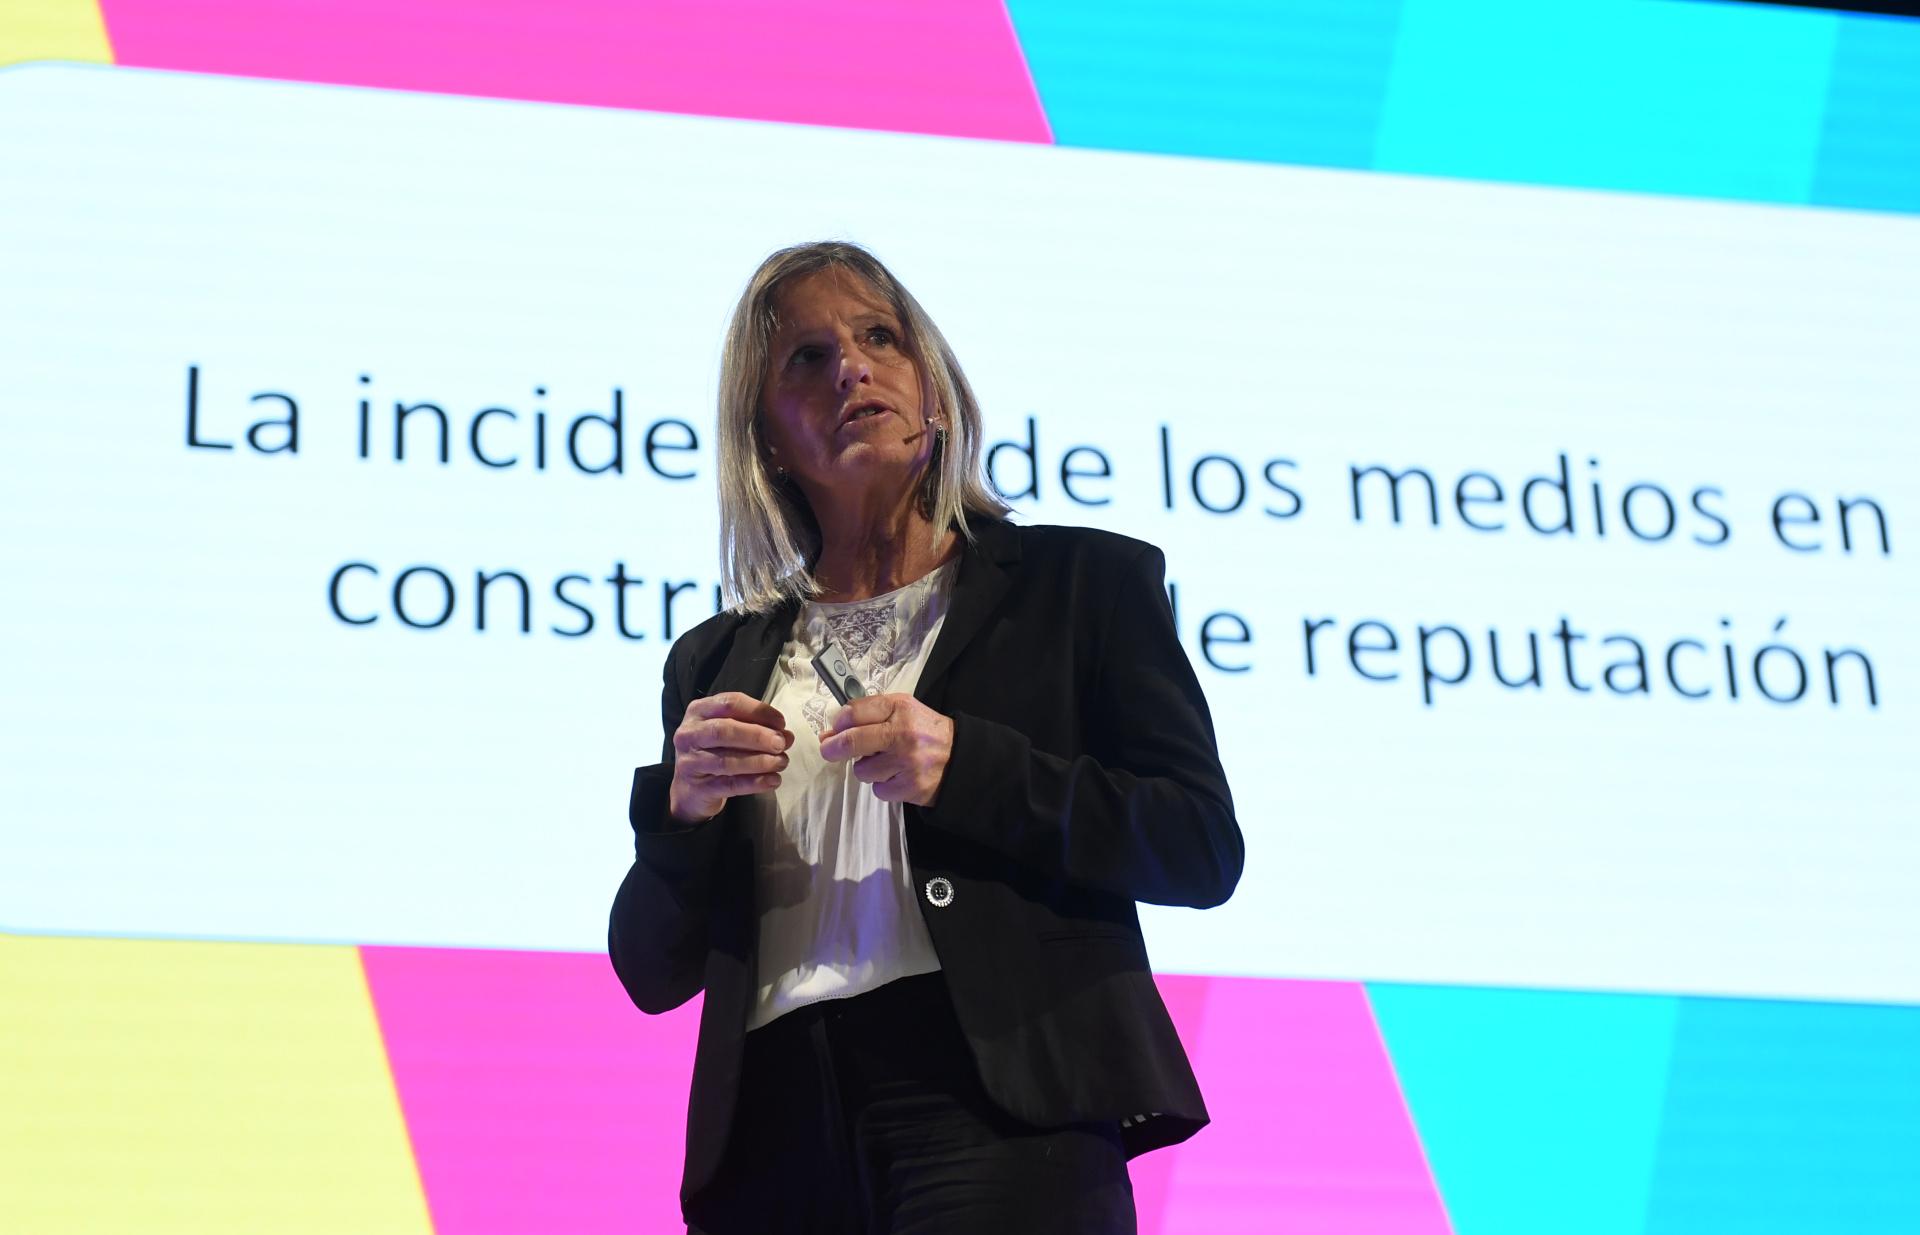 Cecilia Mosto, Socia CIO Investigación, habló sobre la incidencia de los medios en la construcción de reputación